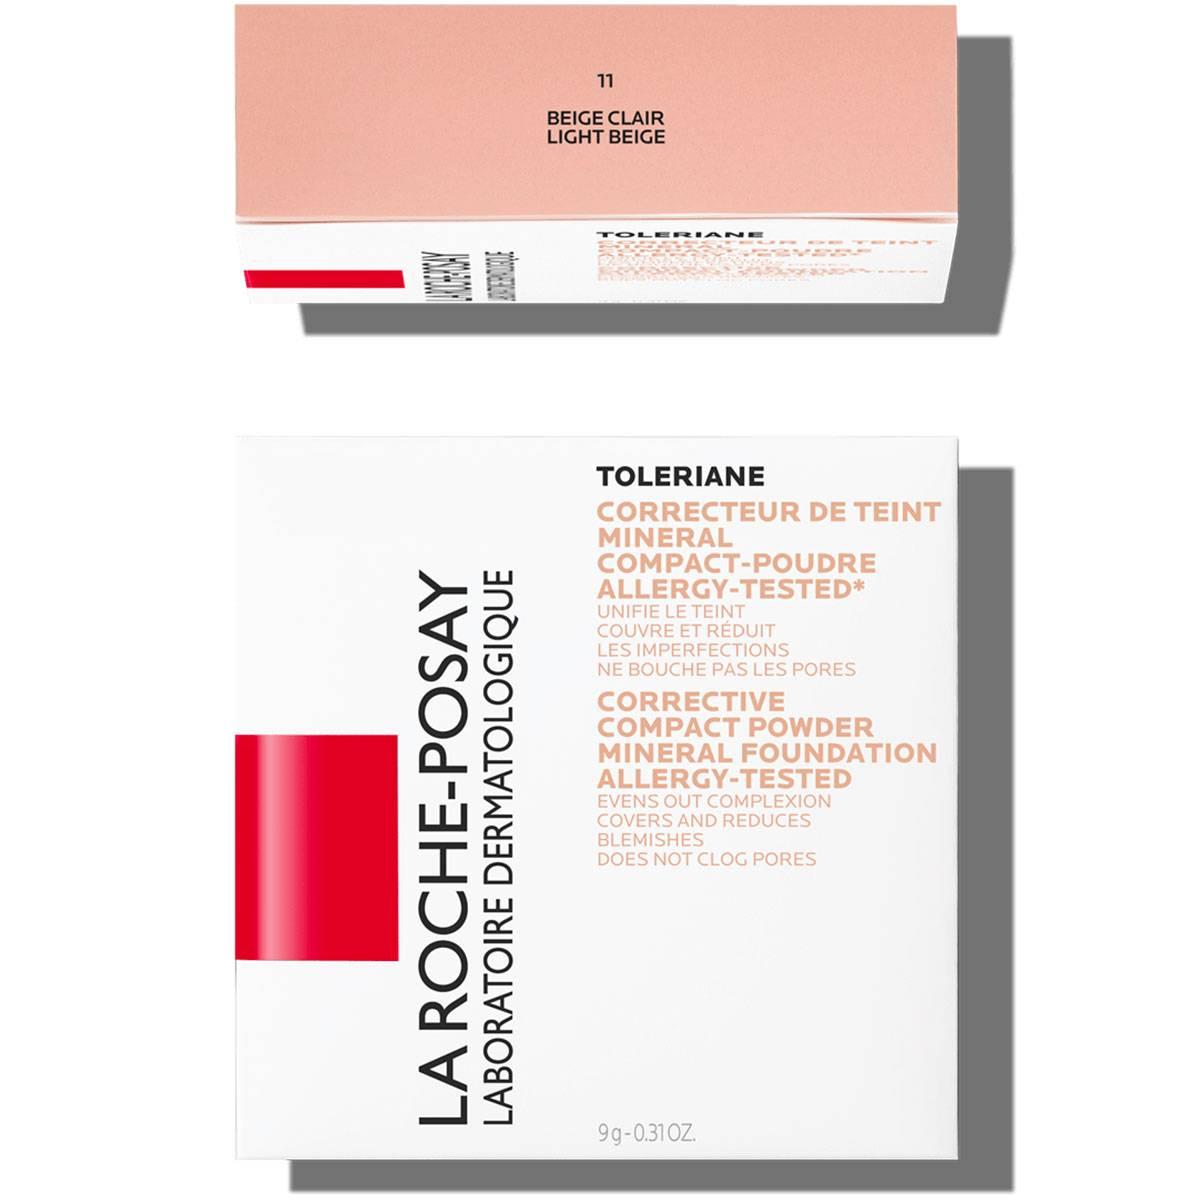 La Roche Posay Citlivá Toleriane Make-up KOMPAKTNÍ PUDR 11LightBeige